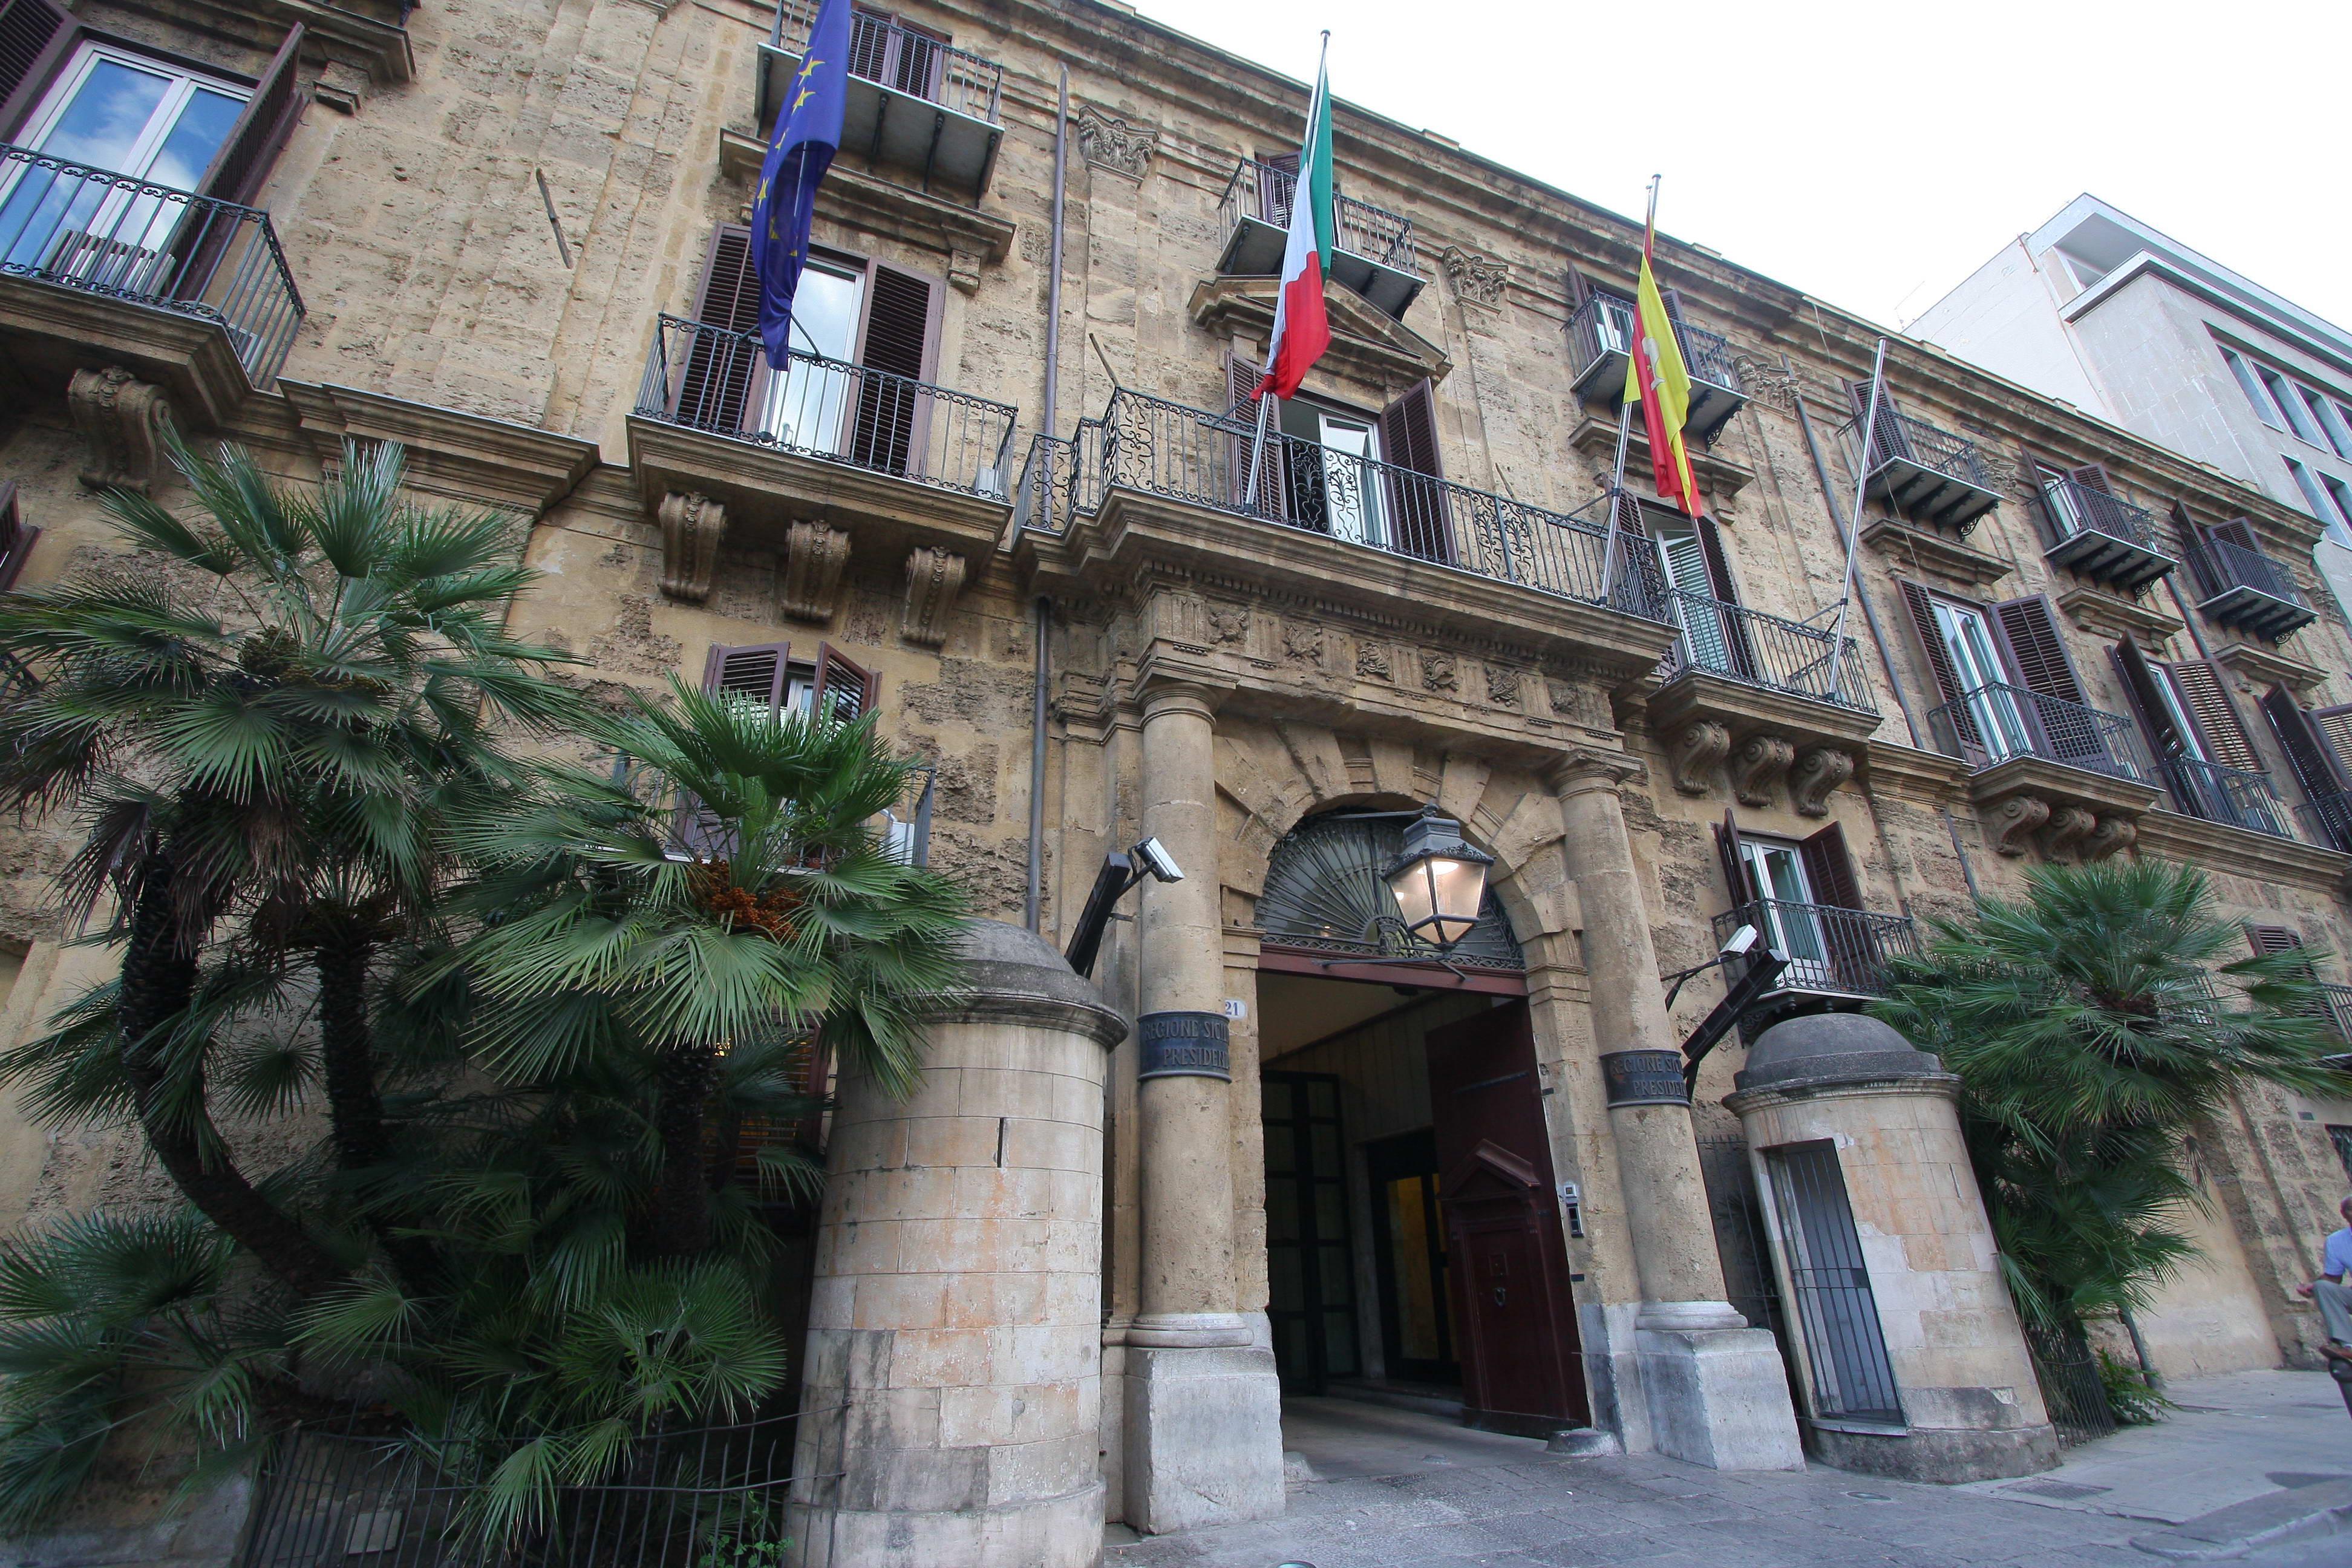 La Sicilia e il Bilancio a metà: questa volta la Regione è fallita davvero? Crocetta pensa alla fuga?